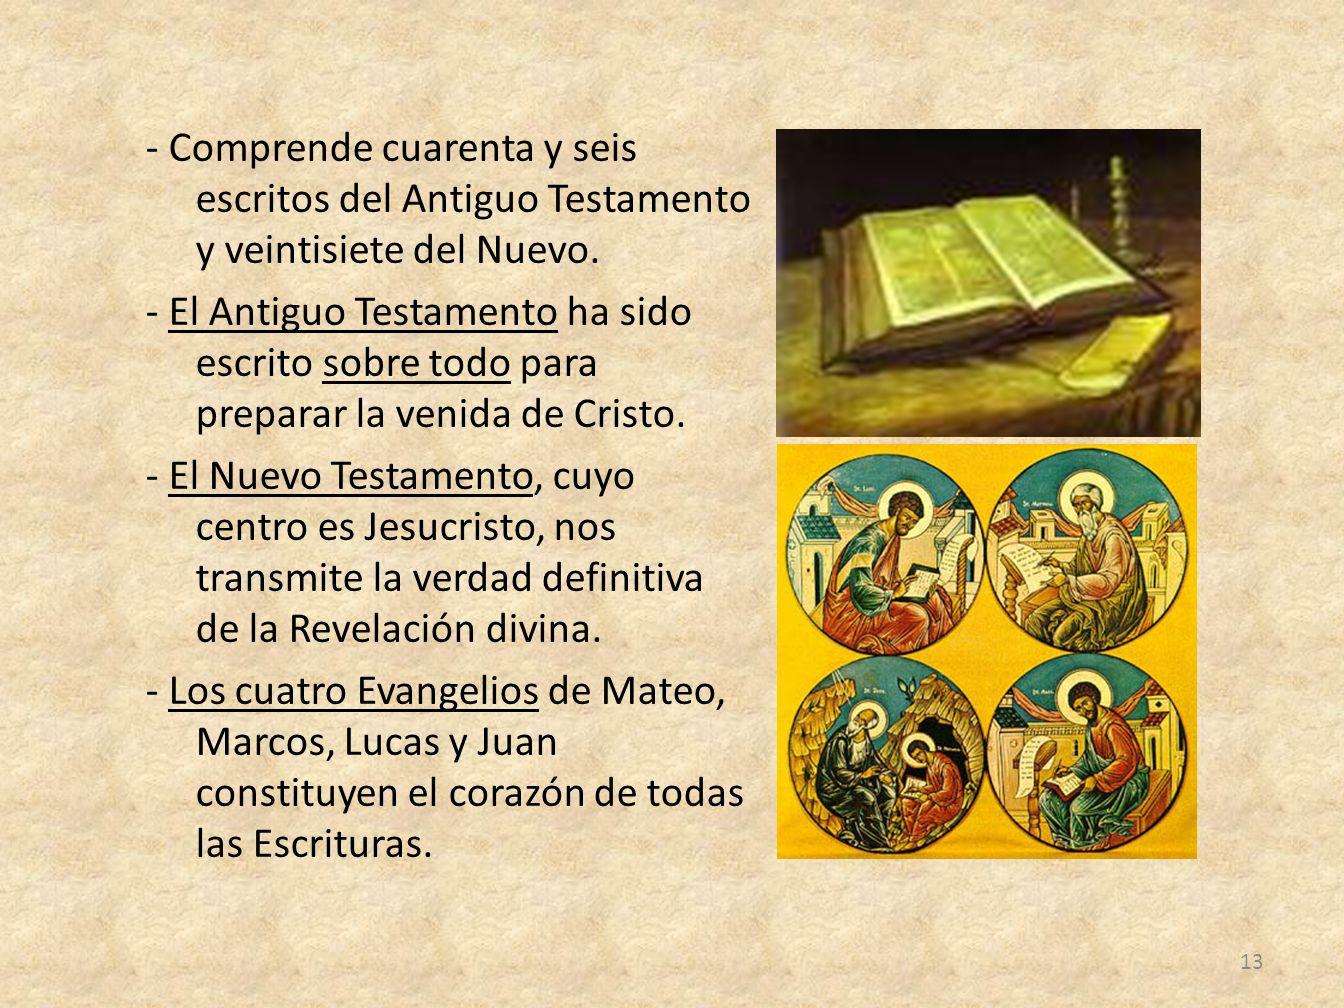 - Comprende cuarenta y seis escritos del Antiguo Testamento y veintisiete del Nuevo. - El Antiguo Testamento ha sido escrito sobre todo para preparar